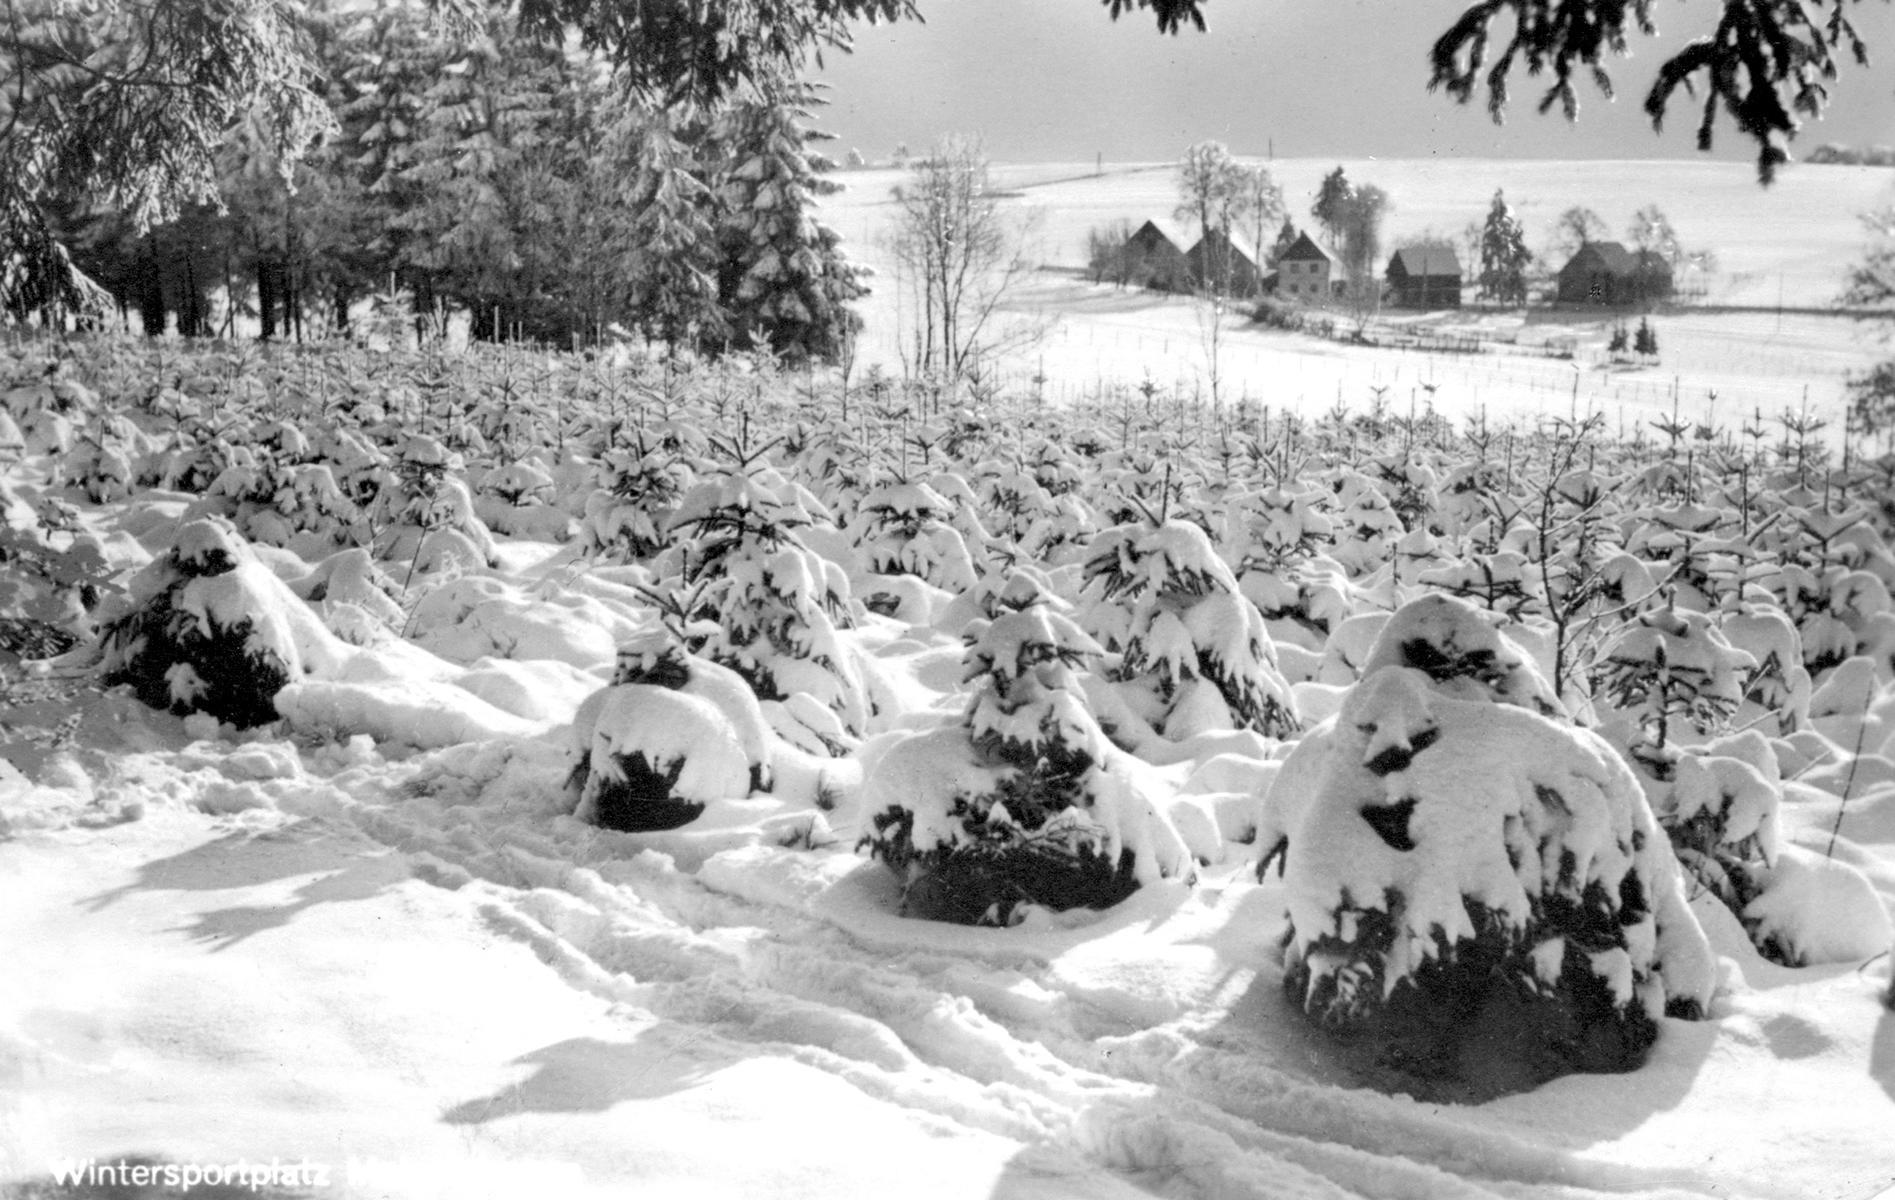 Wintersportplatz Meinerzhagen, Ideale Bedingungen für Wintersportler. © Foto: Stadtarchiv Meinerzhagen